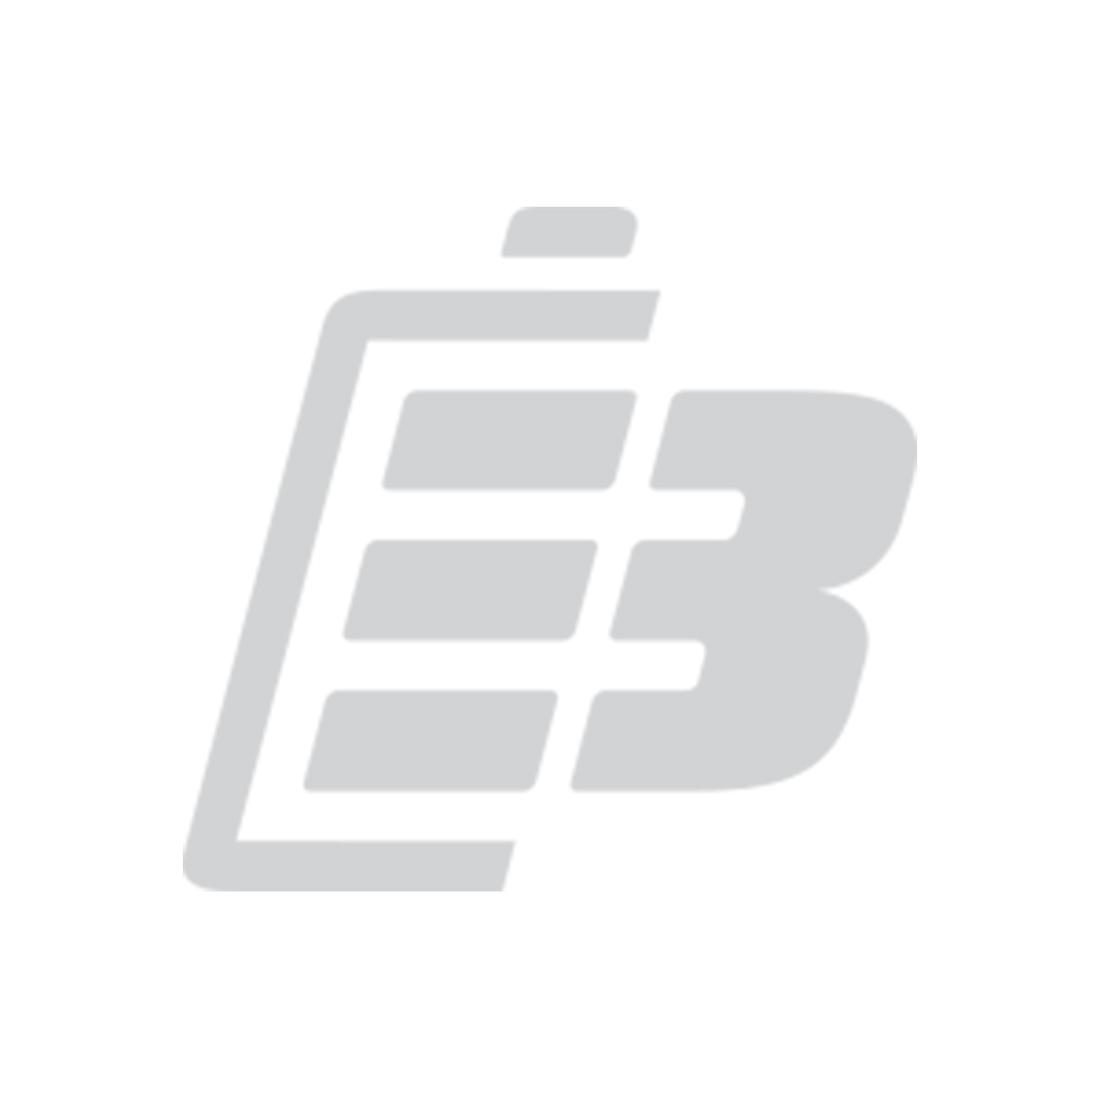 Μπαταρία PDA Casio Cassiopeia EM500_1